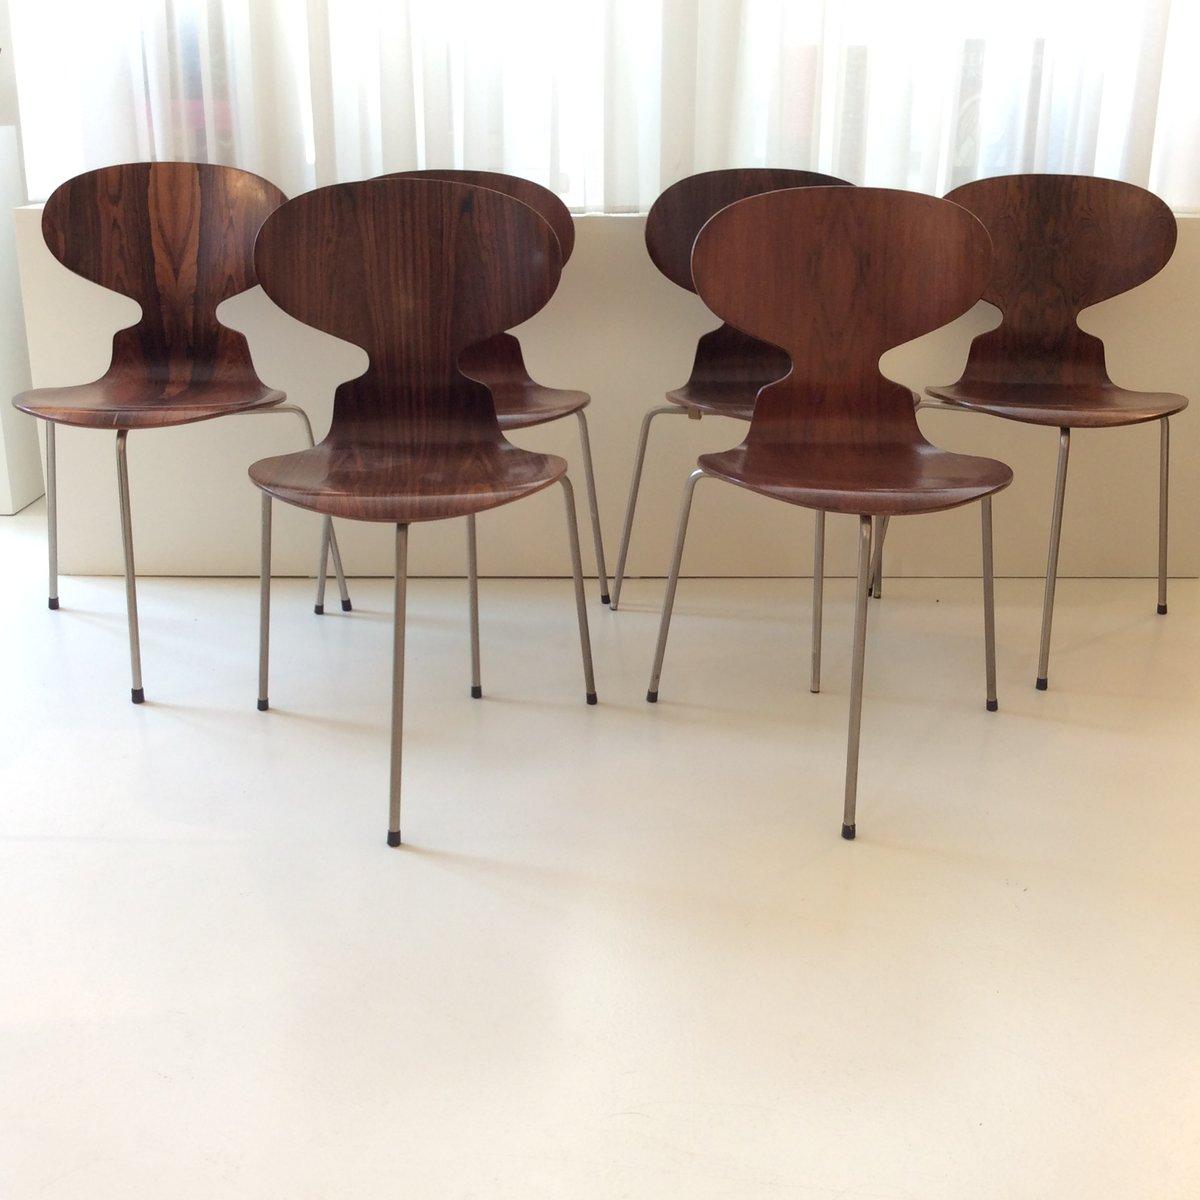 modell ant fh 3100 st hle aus palisander erste version von. Black Bedroom Furniture Sets. Home Design Ideas